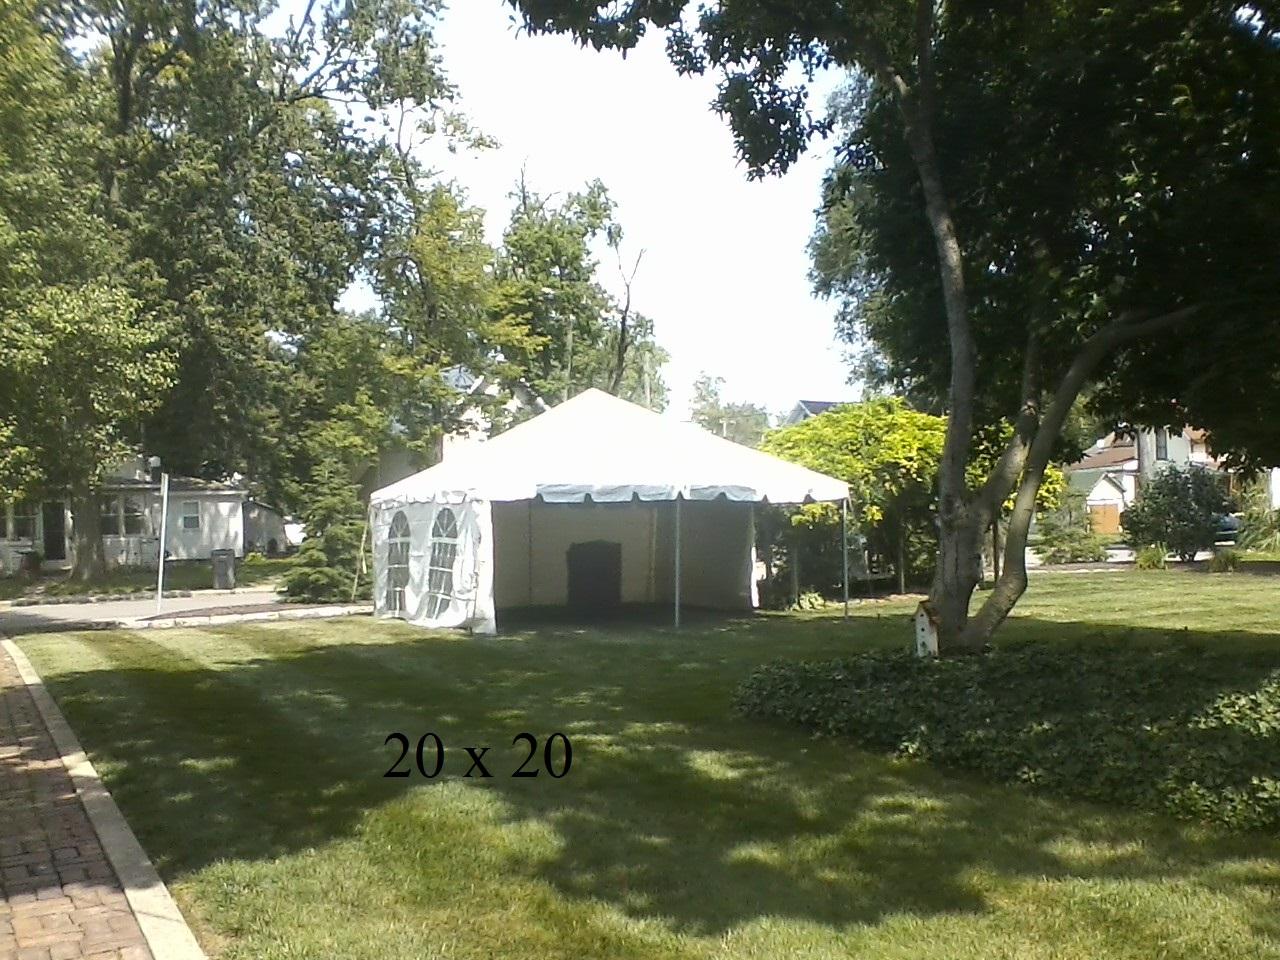 Tent Rental Rates   New Paris Tent Rentals